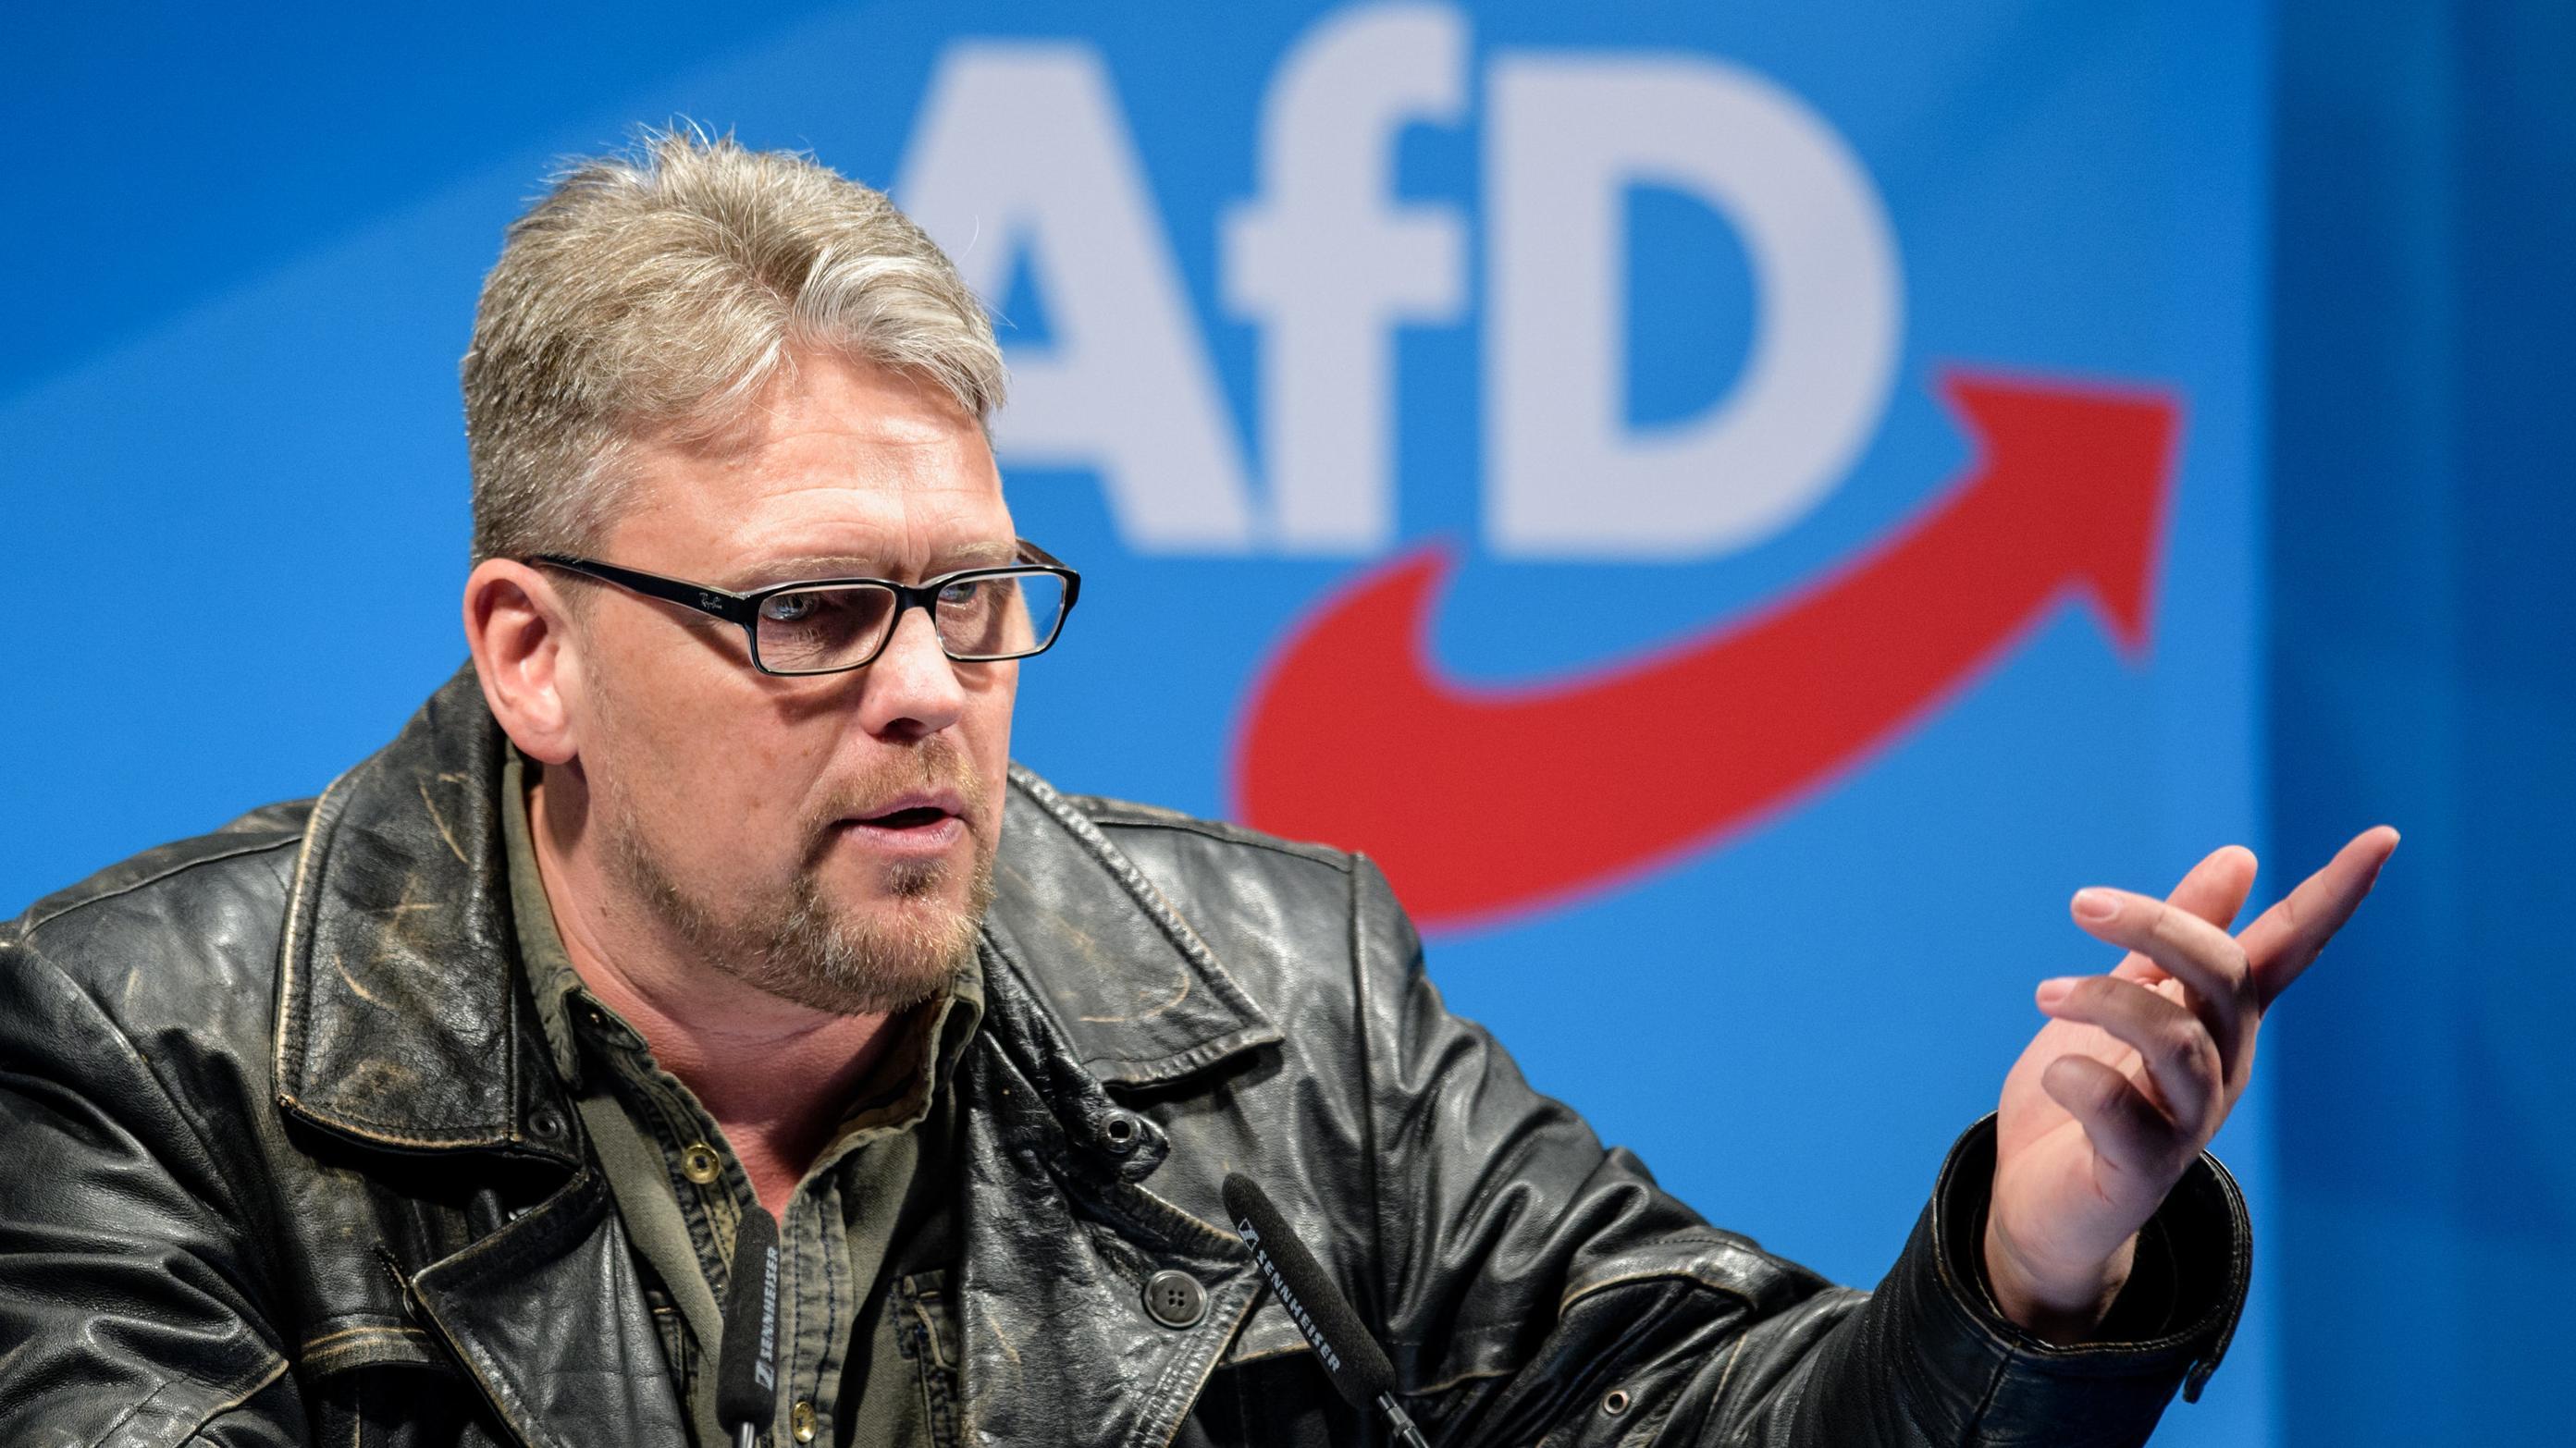 AfD-Politiker Guido Reil beim Politischen Aschermittwoch seiner Partei